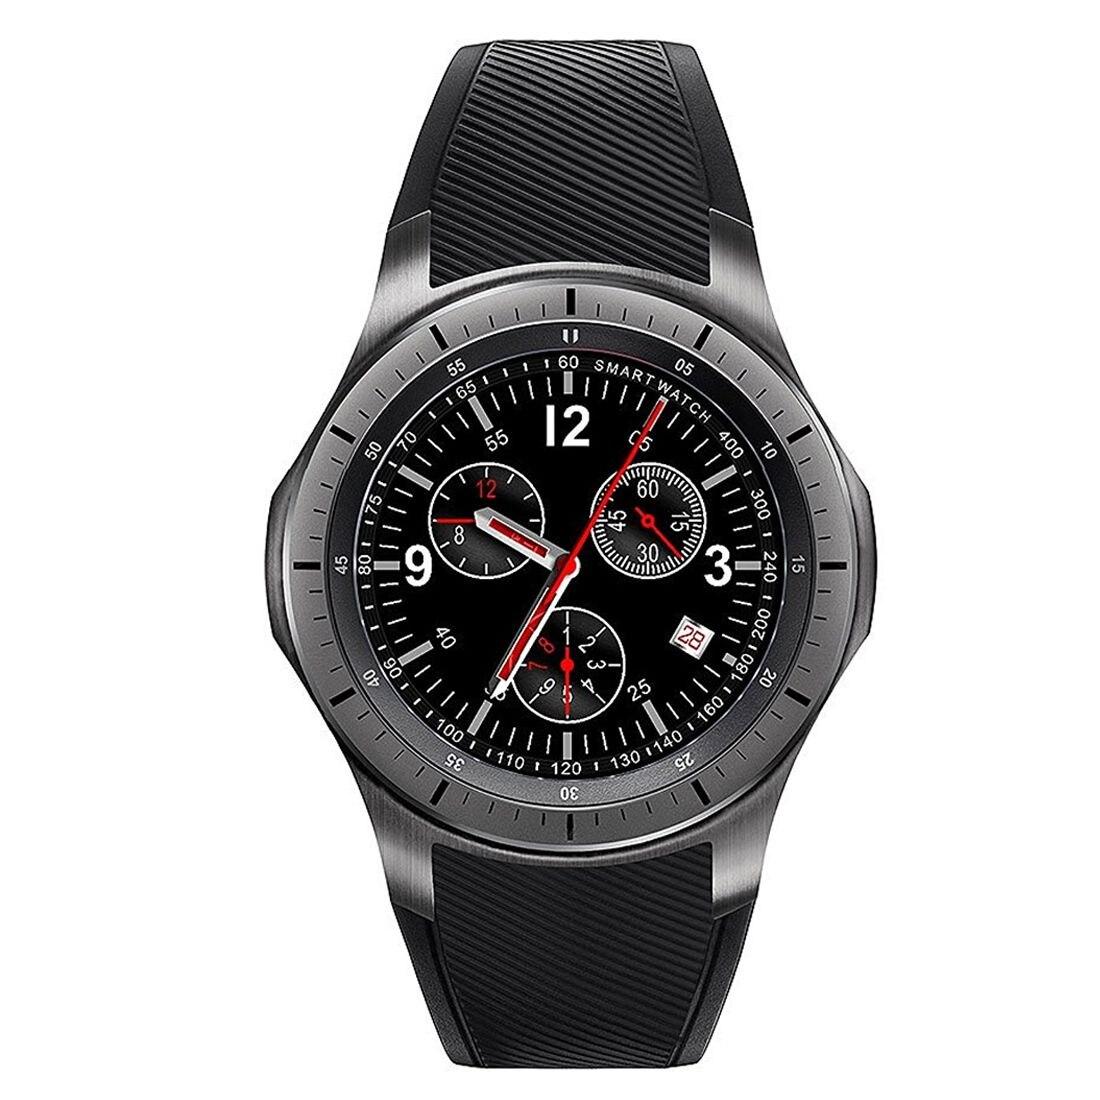 LF16 Bluetooth Smart часы телефон WI FI gps 3g WCDMA Android Smartwatch наручные часы Носимых устройств Встроенная память 8 г + Оперативная память 512 МБ бла